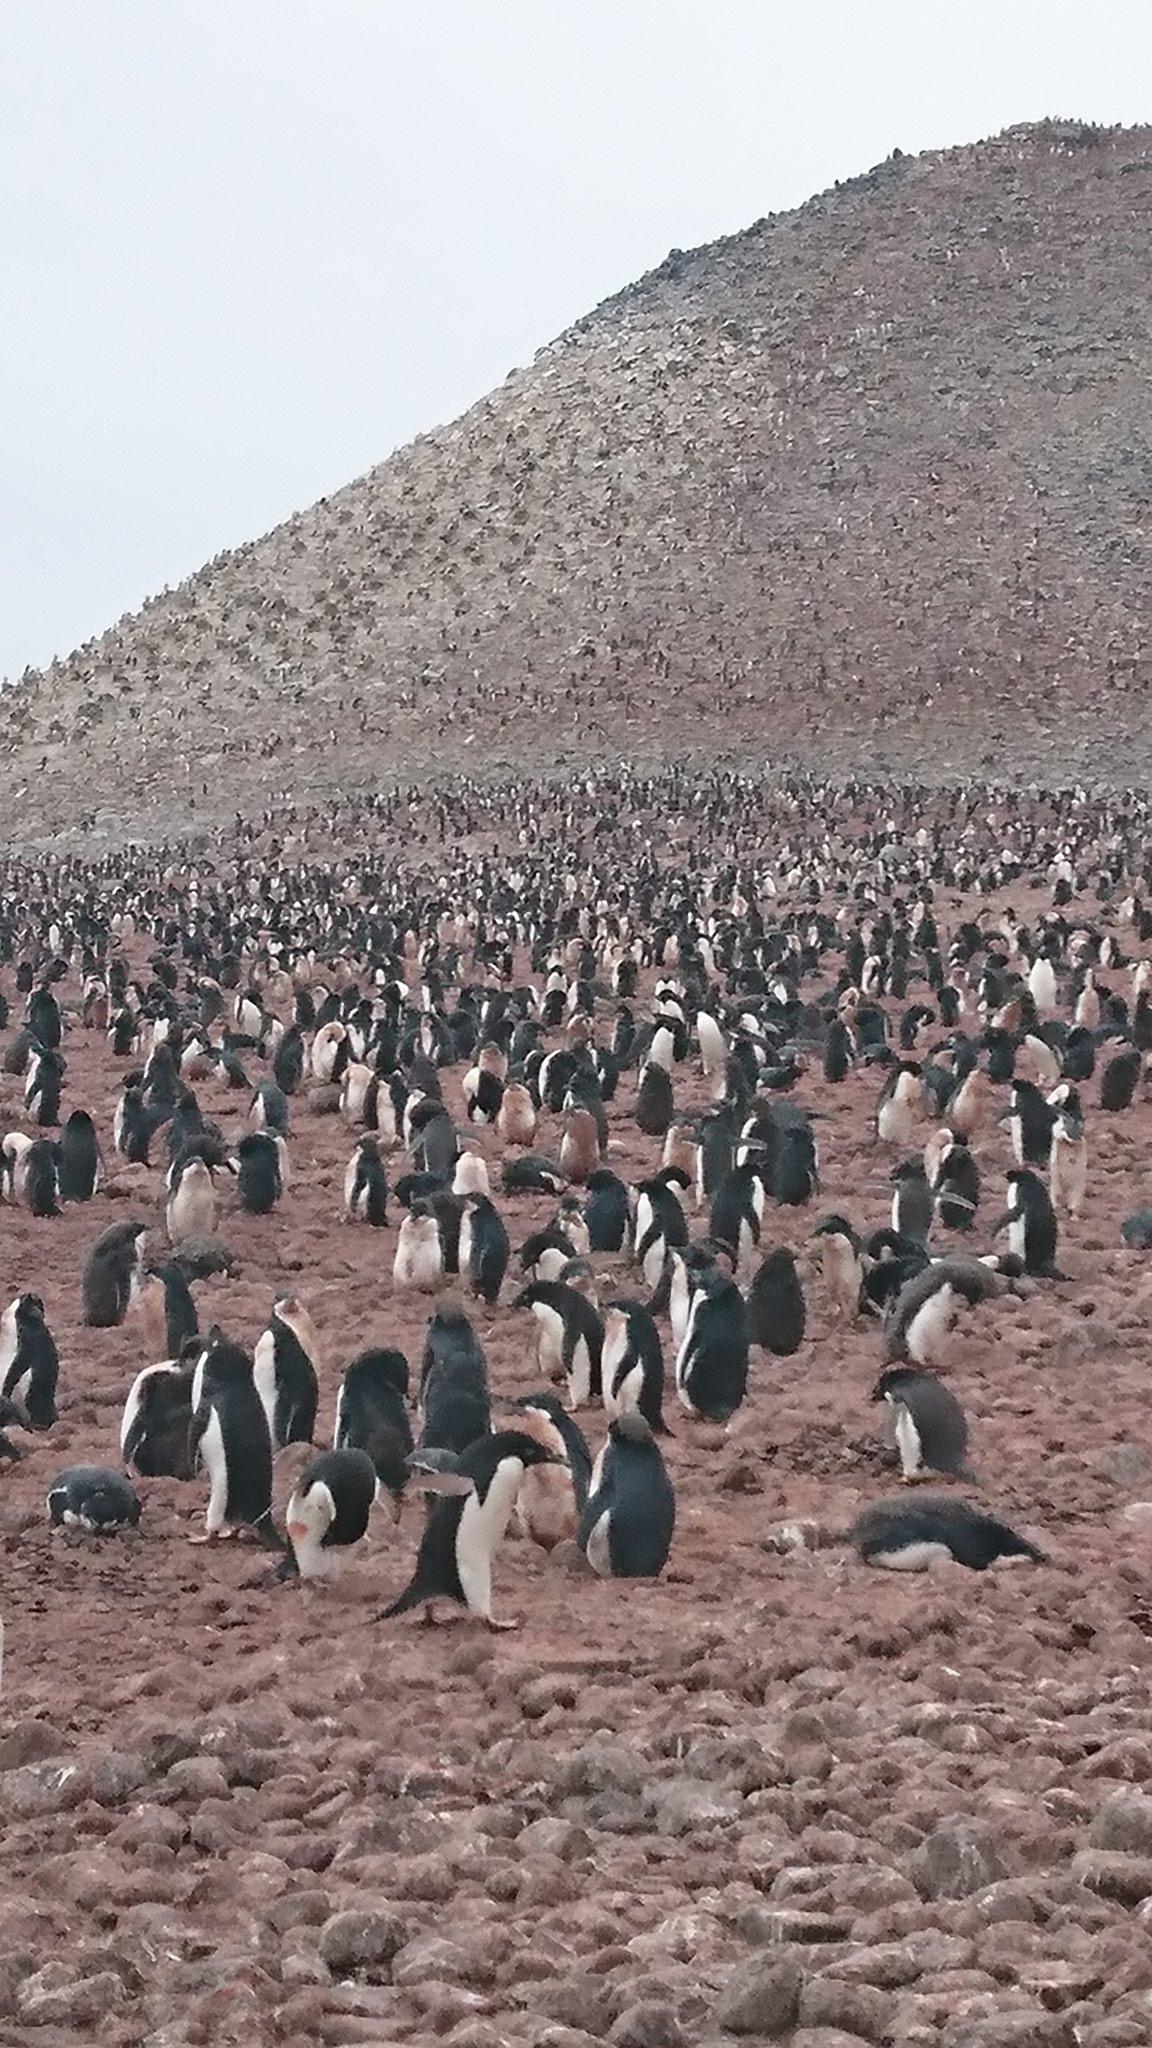 行く前の私「ペンギンいるといいなぁ、何羽いるのかなぁ」   ↓   行った後の私「」 #yorimoi #よりもい #南極